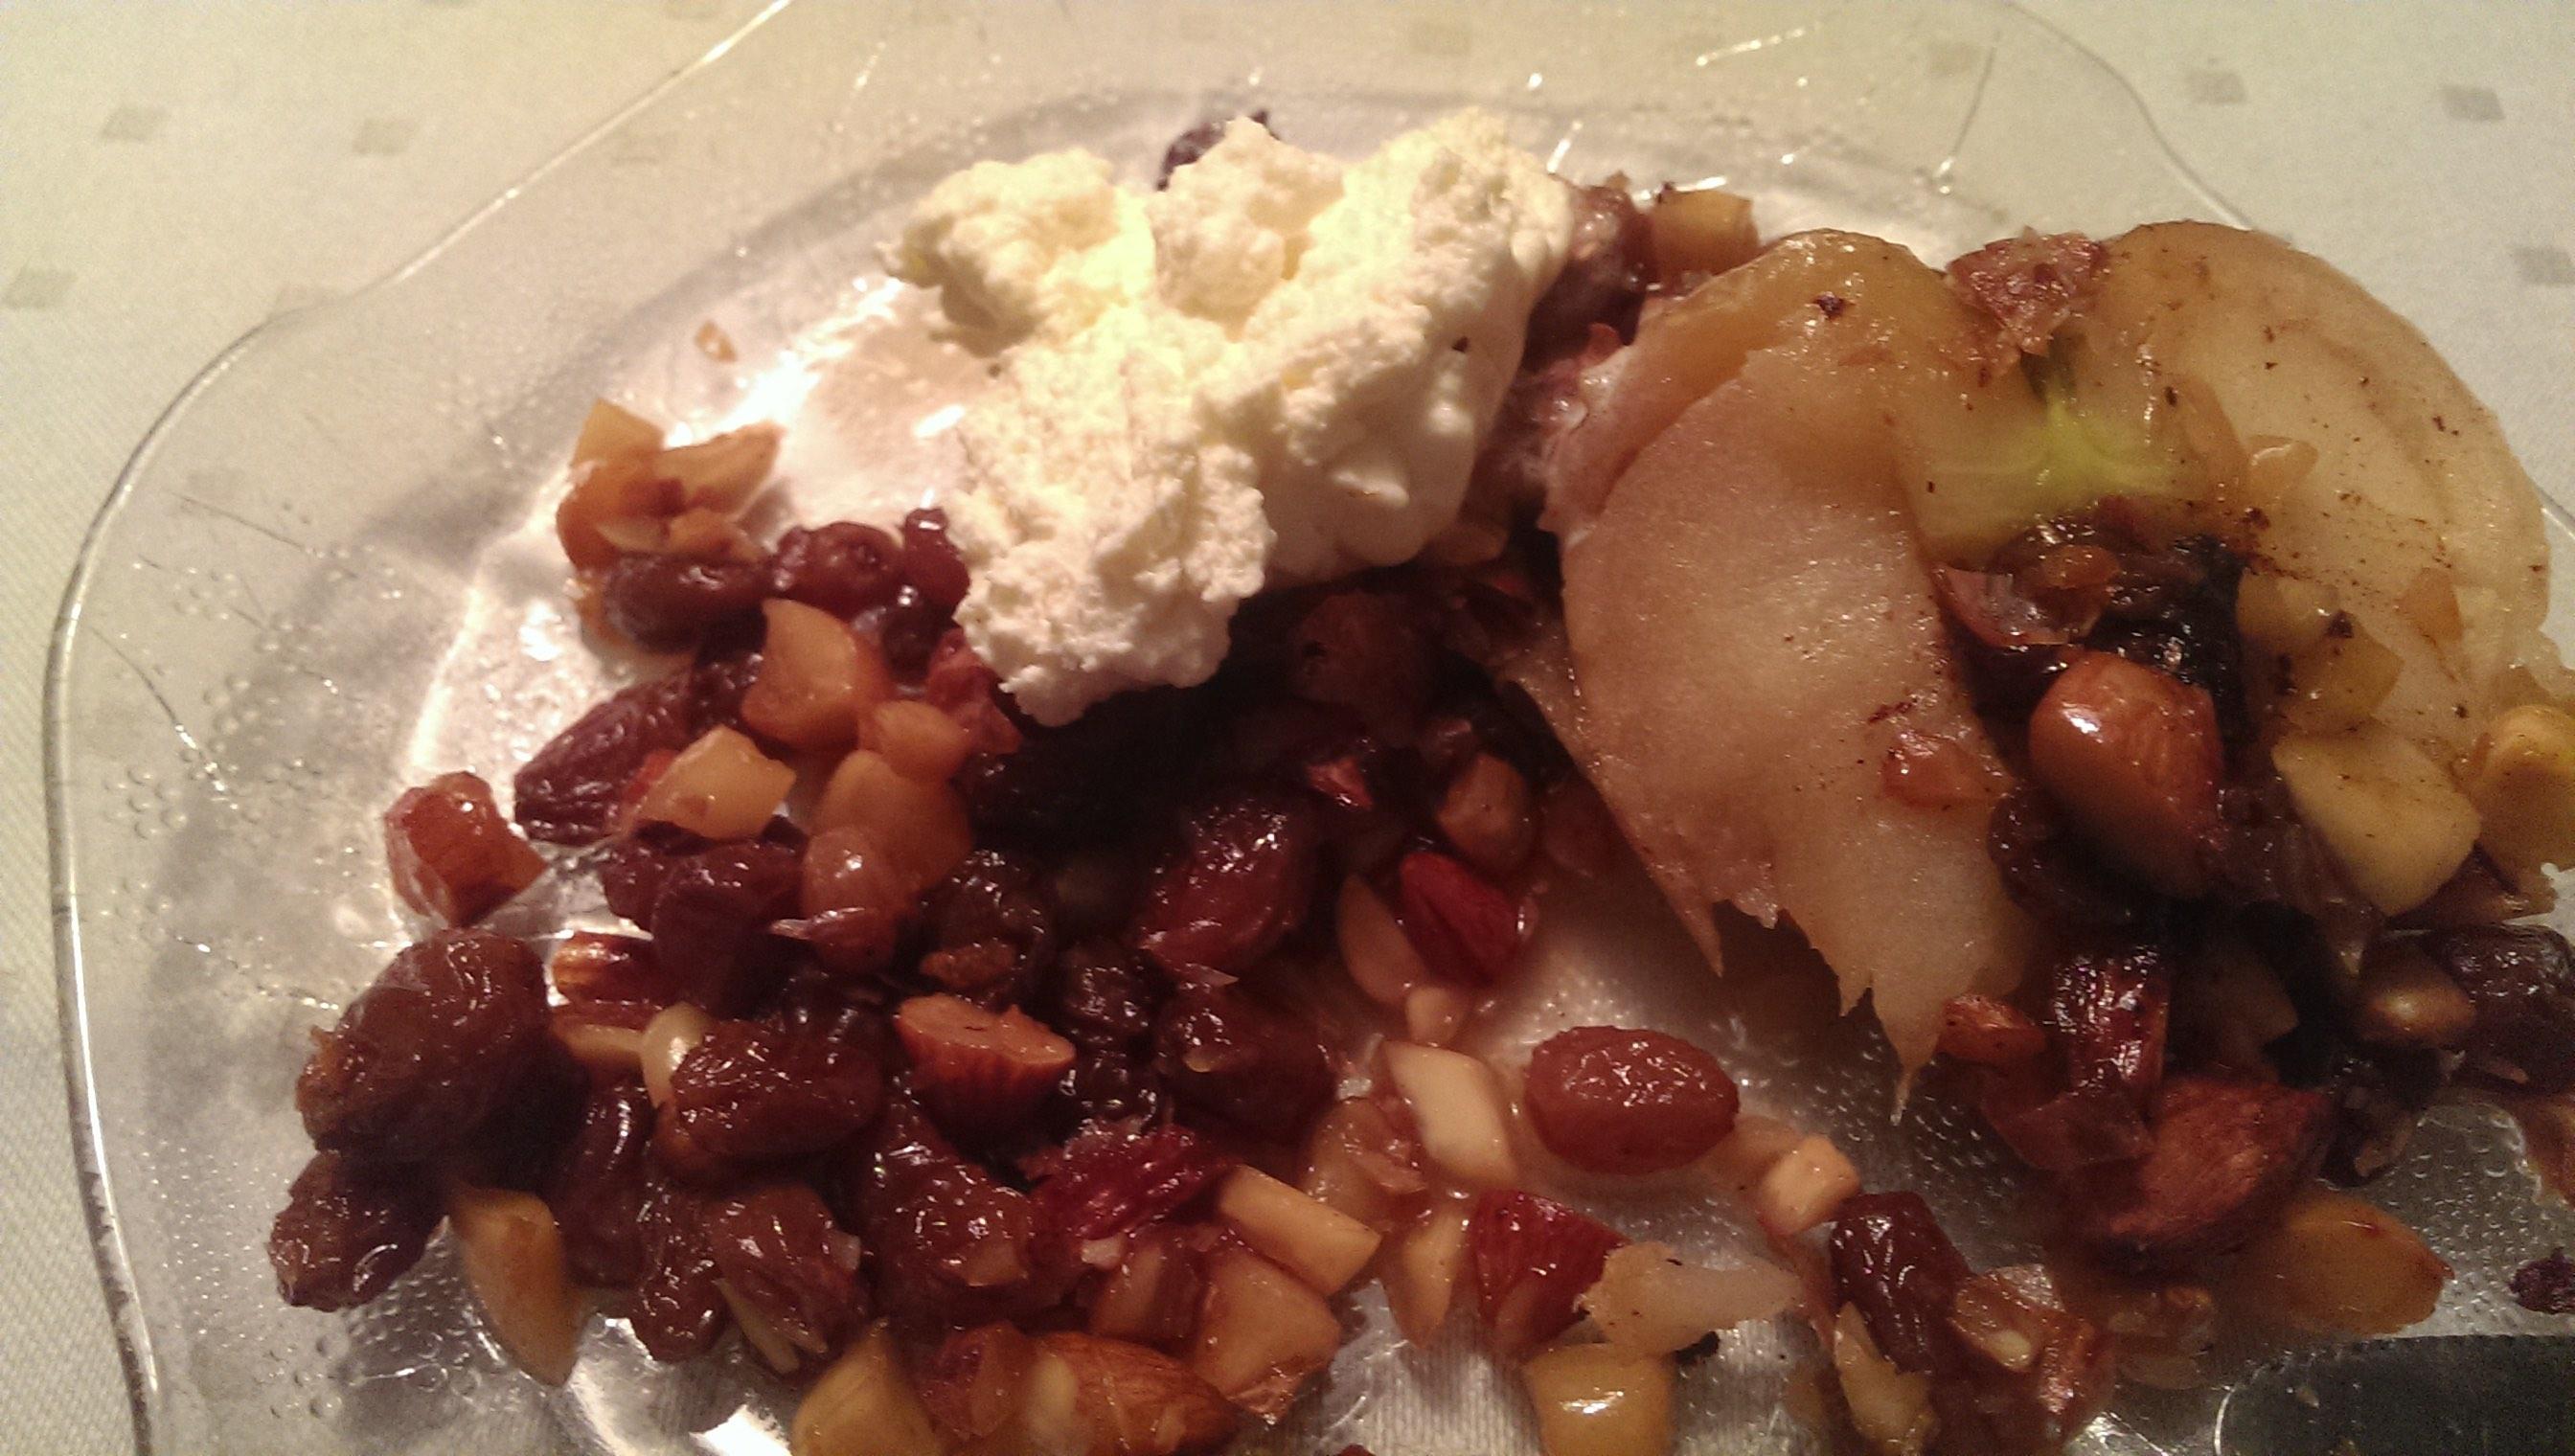 Rester av bakte epler på tallerken